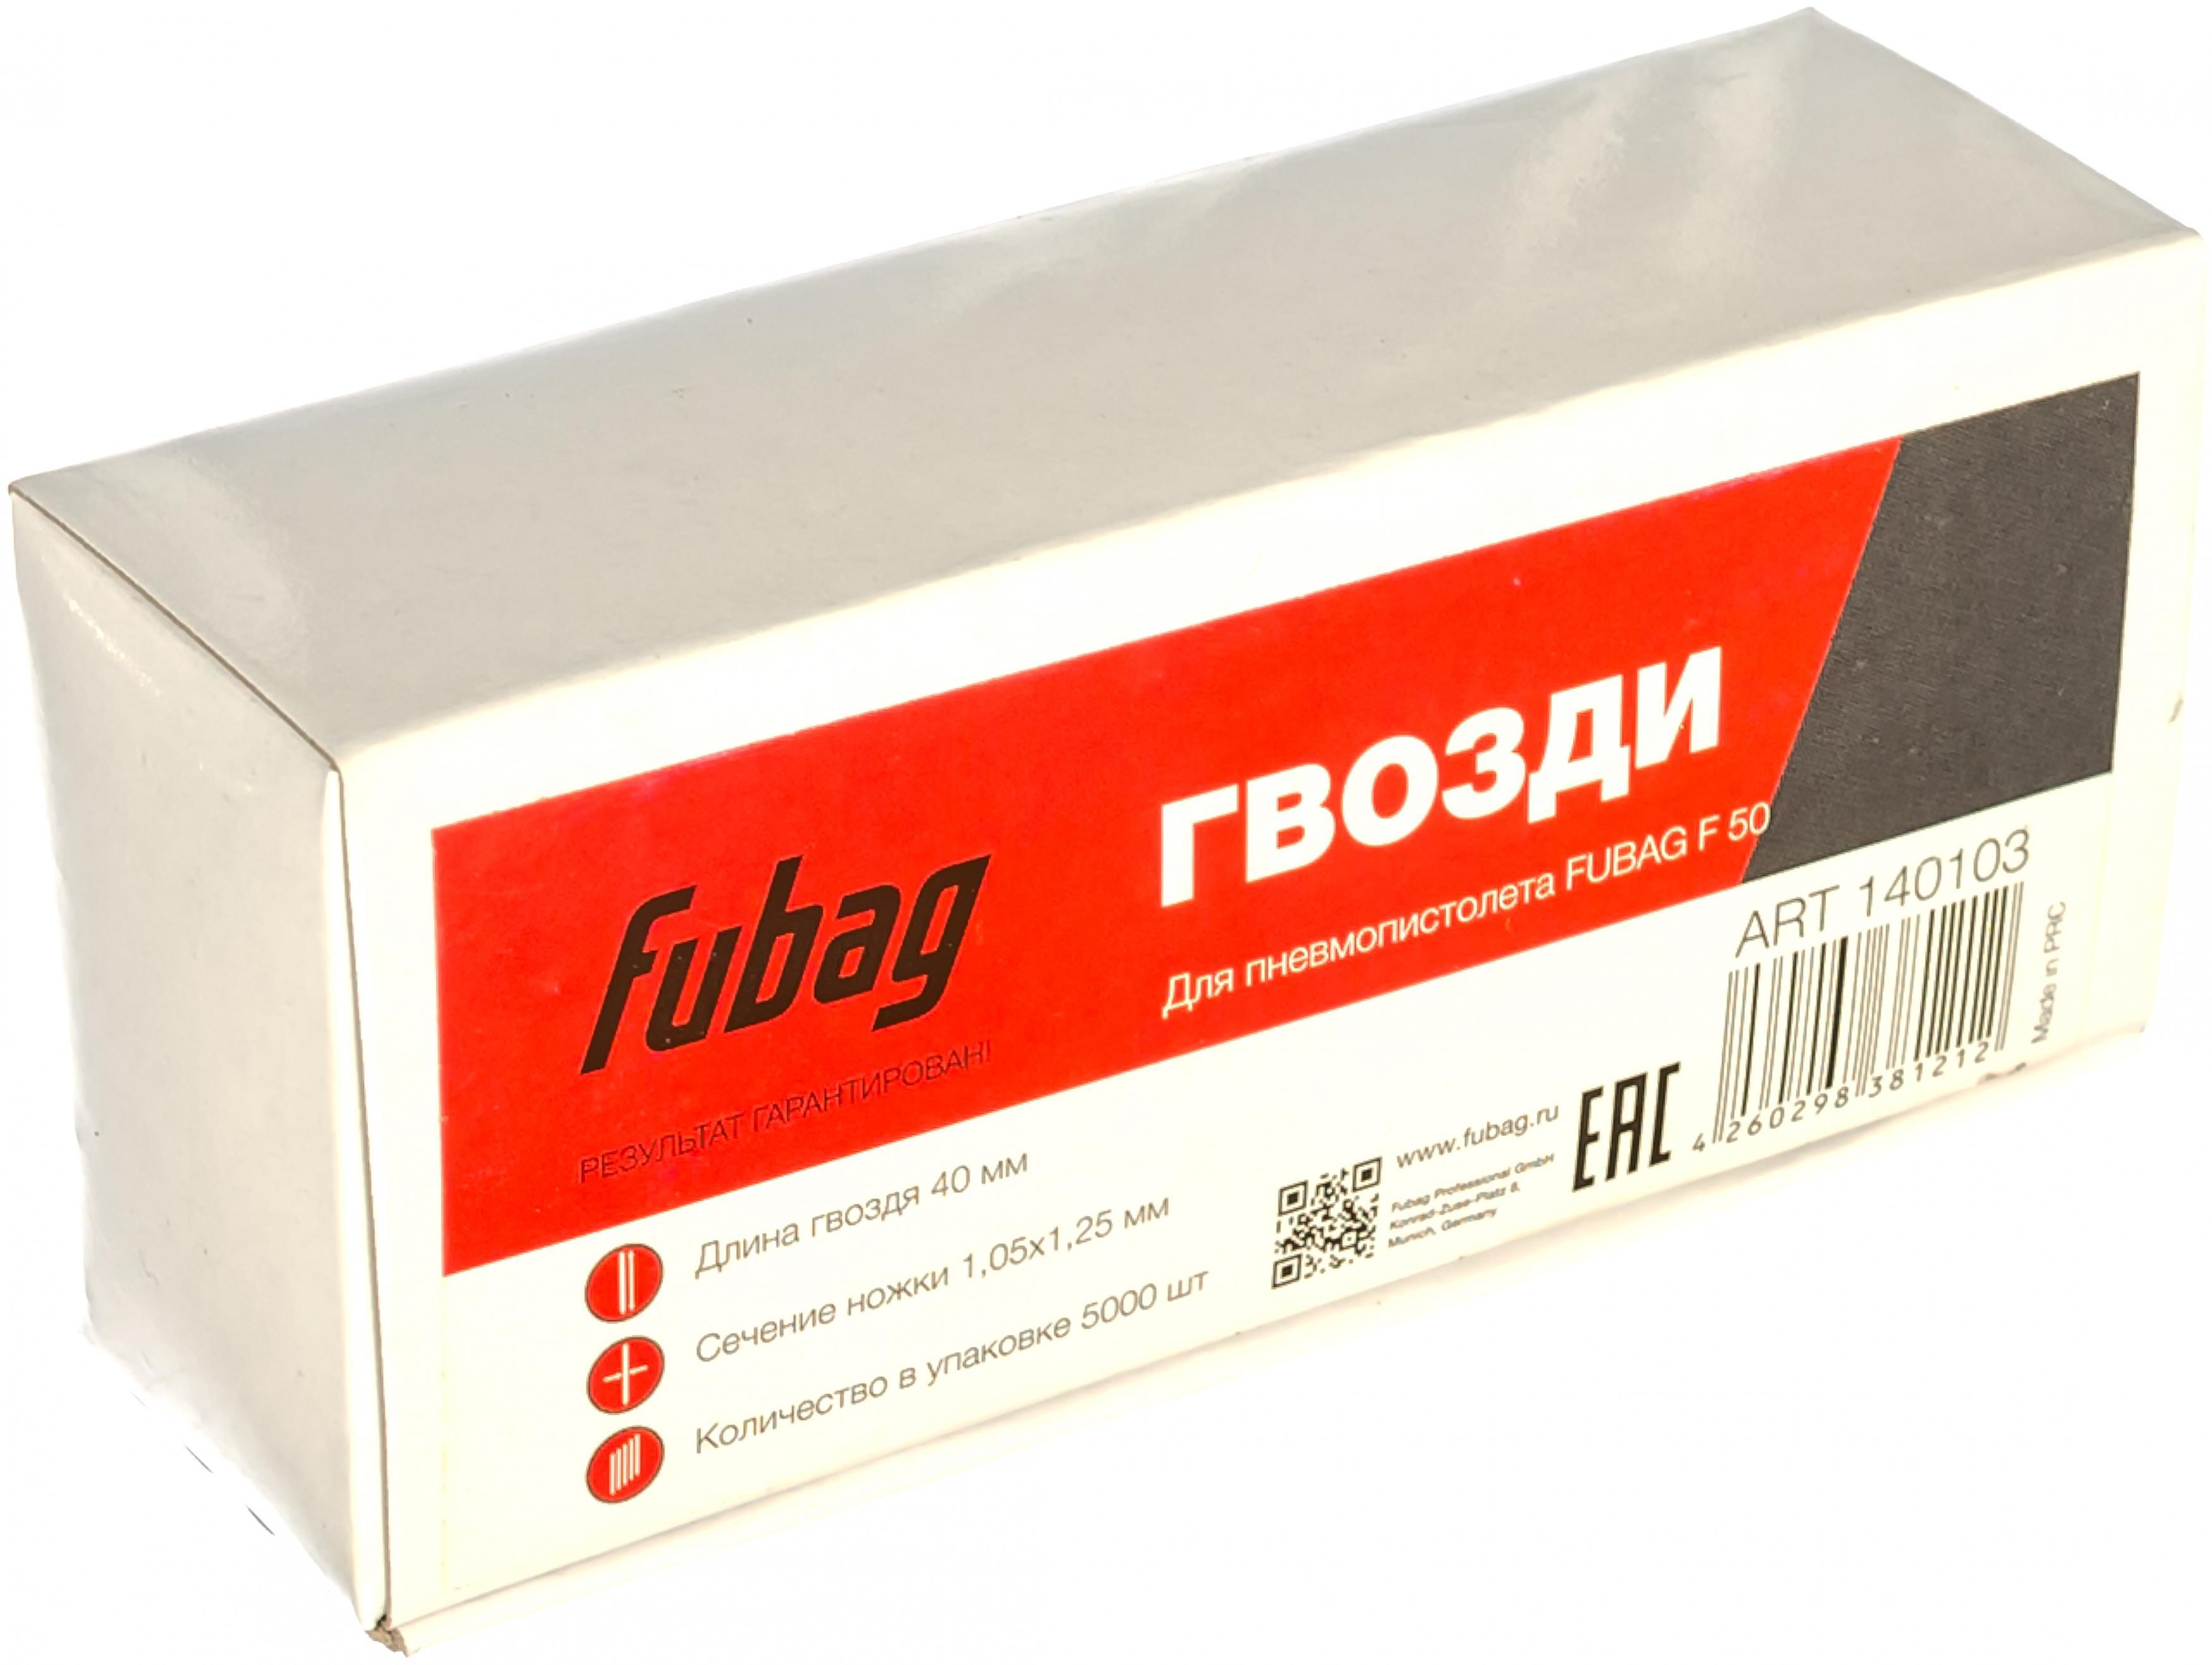 Гвозди для степлера Fubag для f50 140103 гвозди гвозди fubag 1 05x1 25x35mm 5000шт 140102